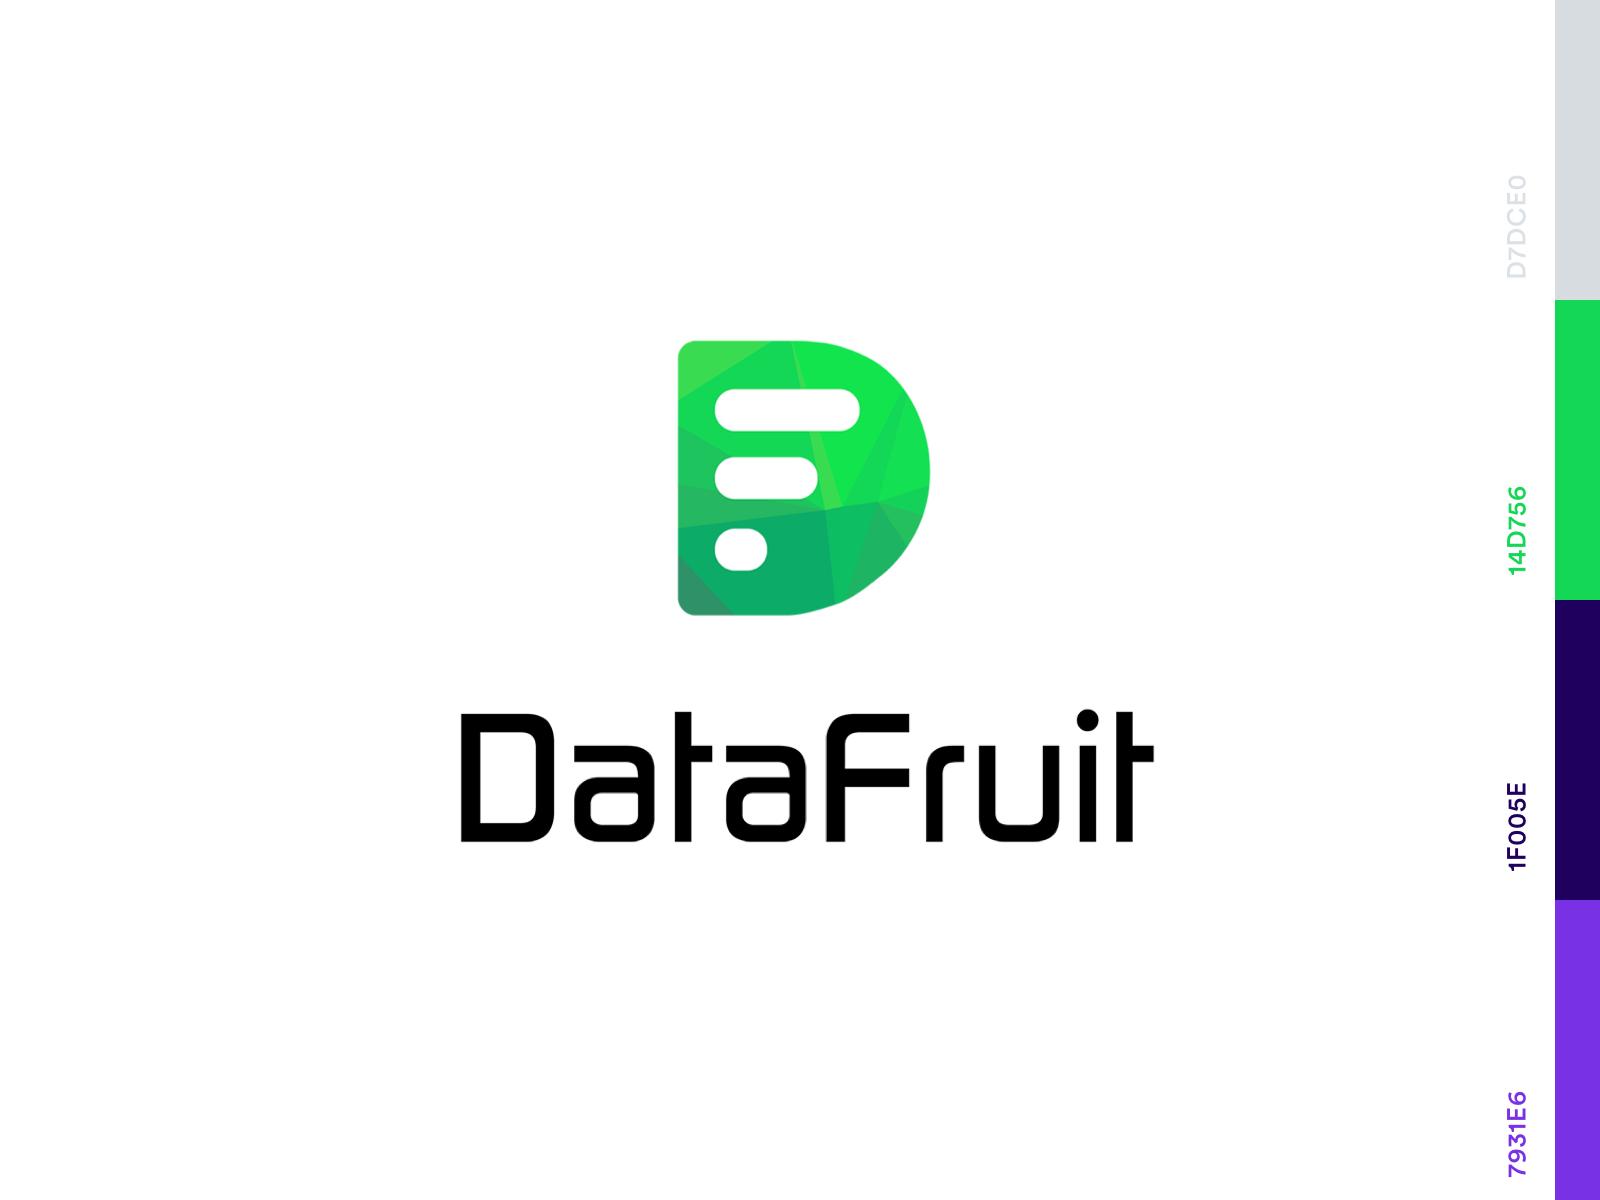 Datafruit logo by greenillumination